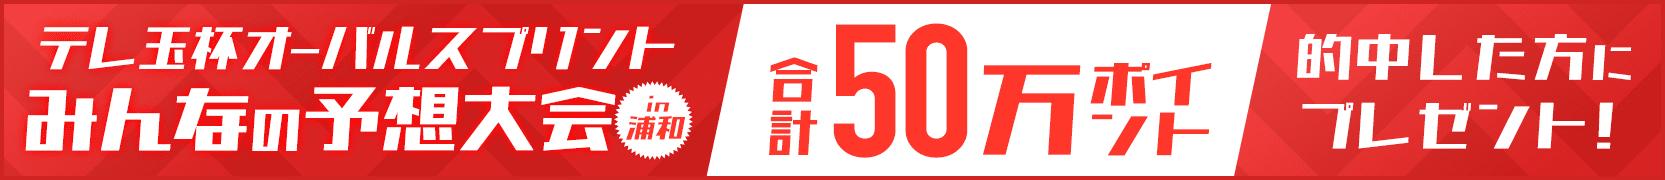 みんなの予想大会:テレ玉杯オーバルスプリント(浦和)2021